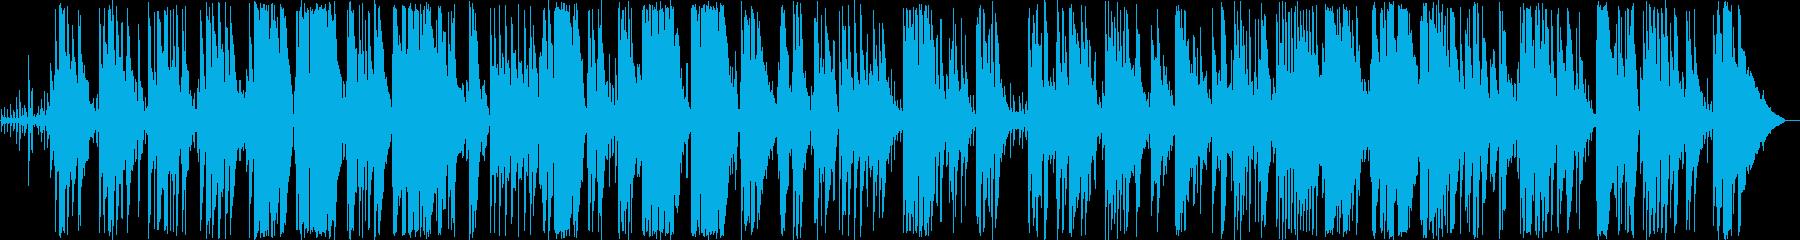 優しいピアノ弦楽器などのボサノヴァの再生済みの波形